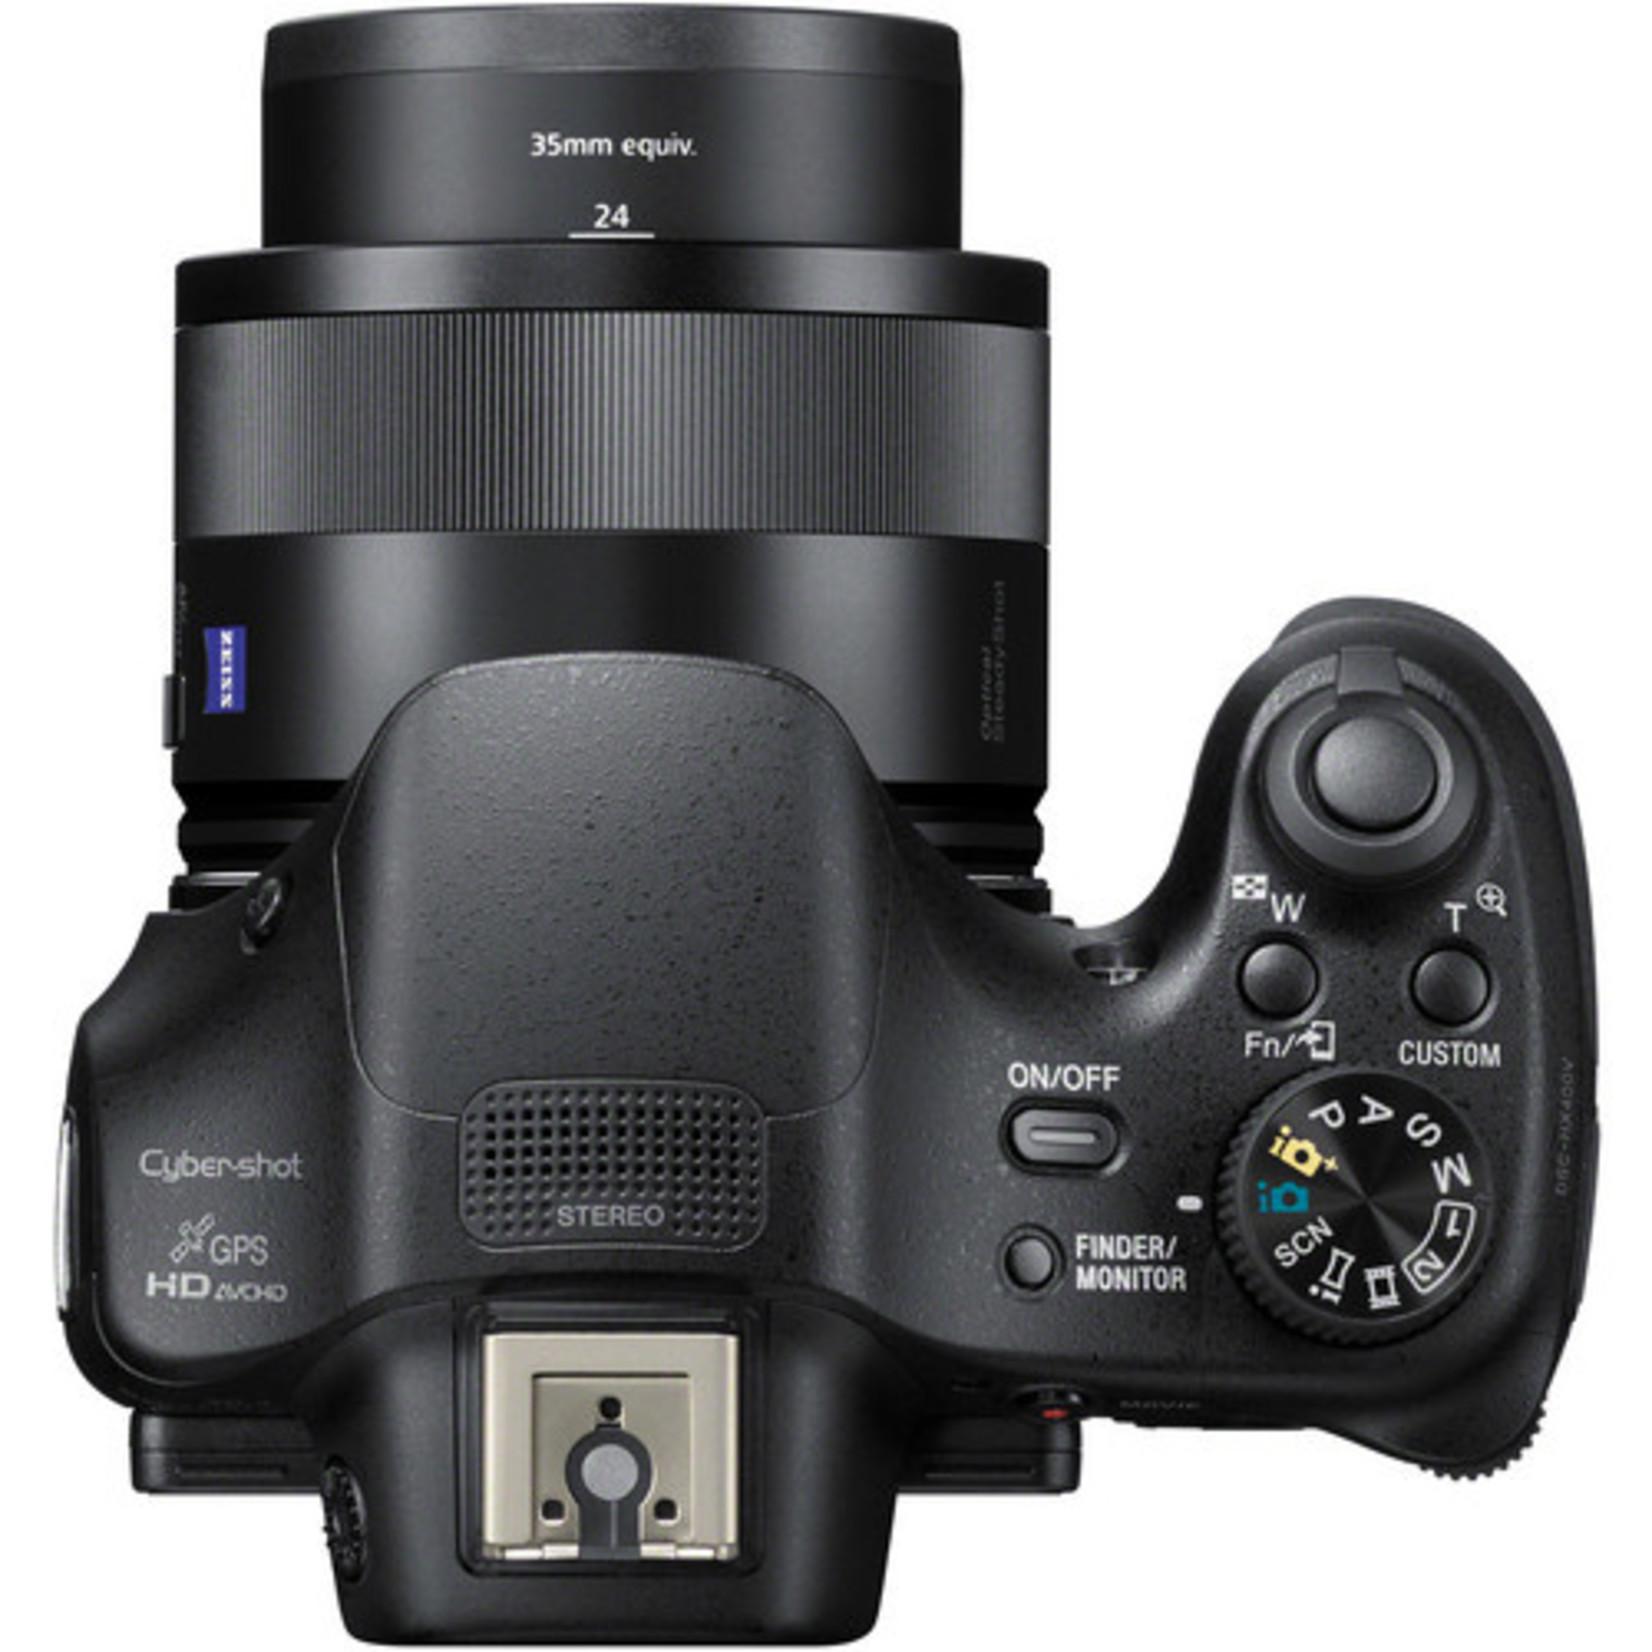 Sony Sony Cyber-shot DSC-HX400V Digital Camera